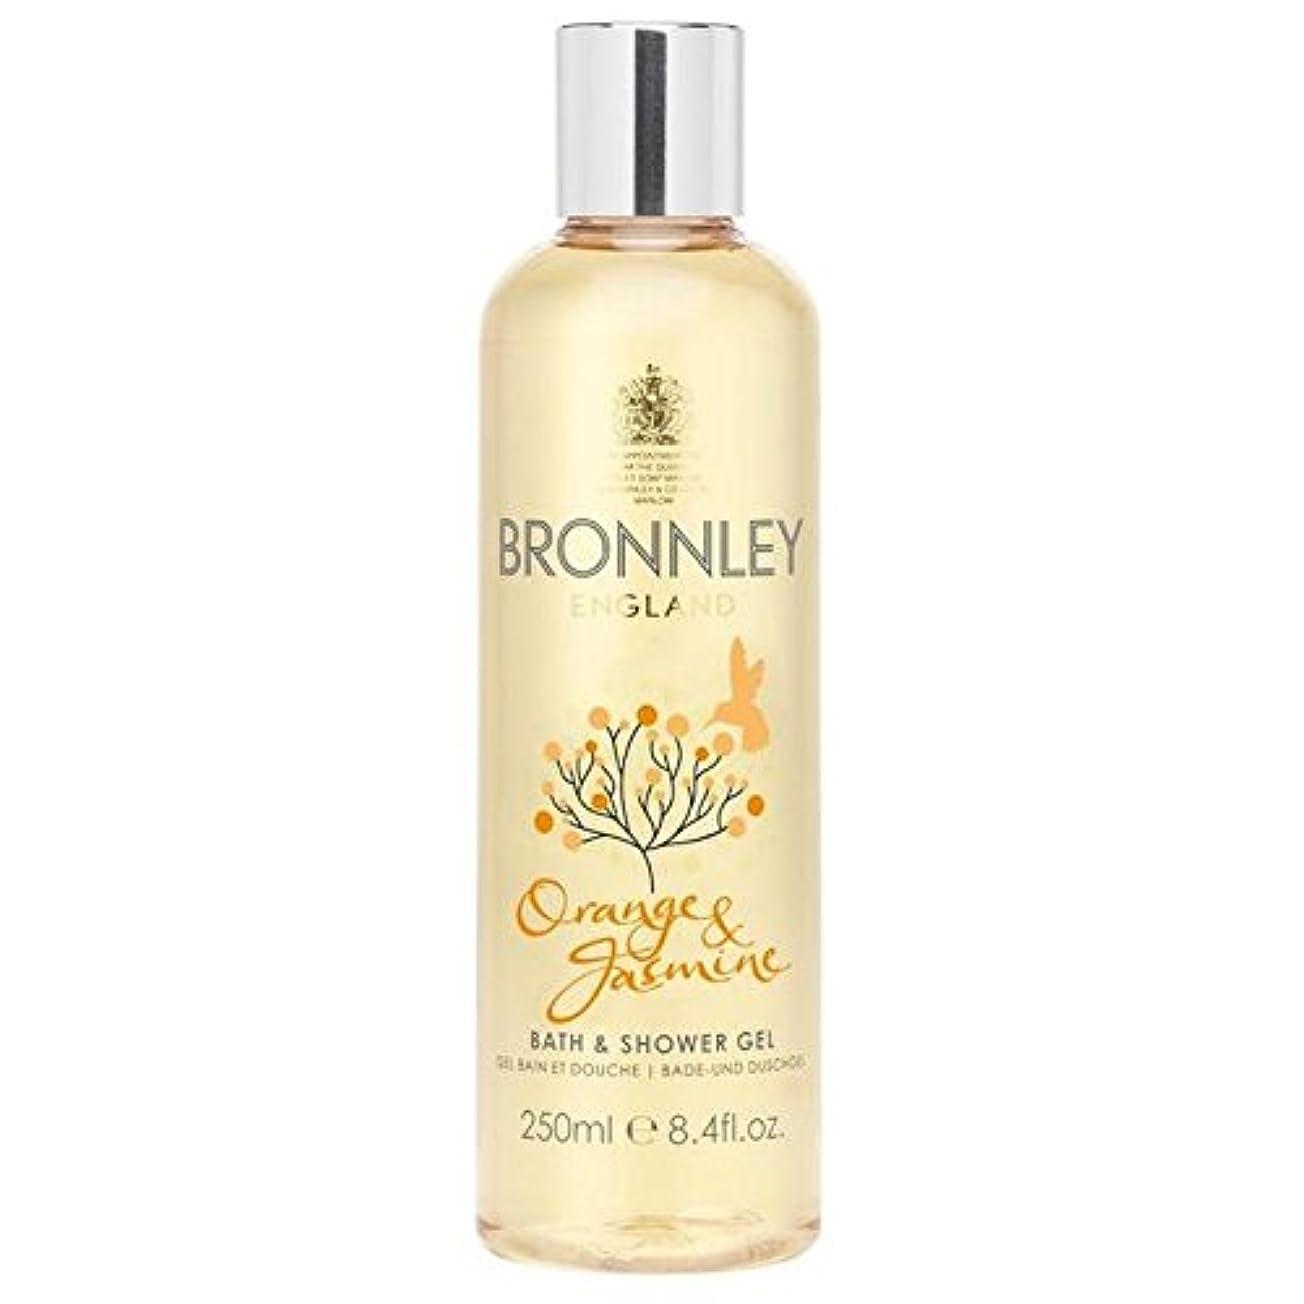 スケート文字通りピーブBronnley Orange & Jasmine Bath & Shower Gel 250ml - オレンジ&ジャスミンバス&シャワージェル250ミリリットル [並行輸入品]